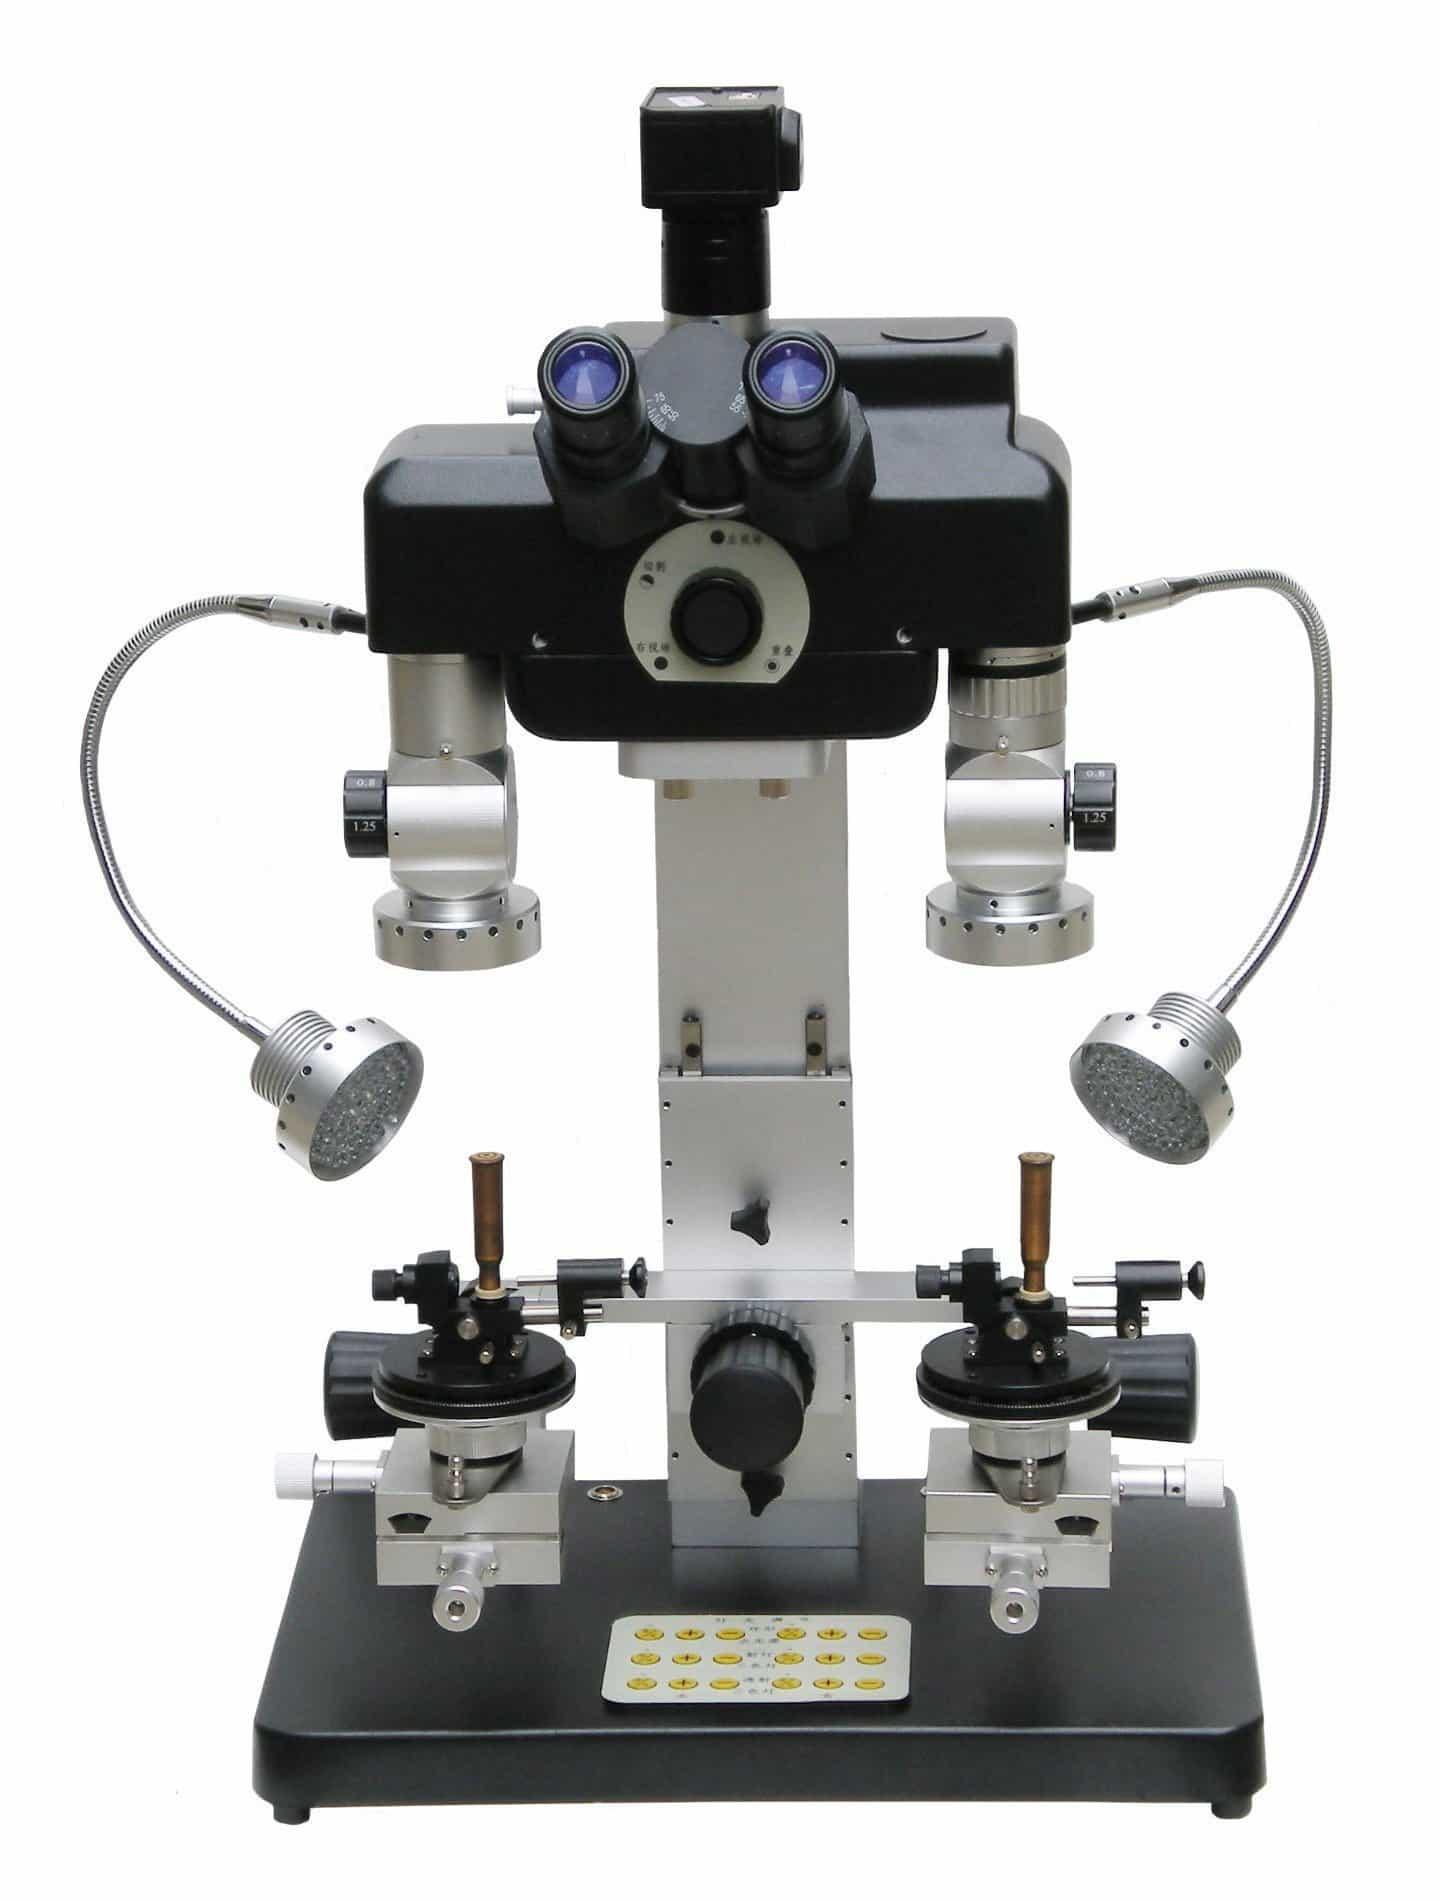 Работа и функционал сравнительных микроскопов